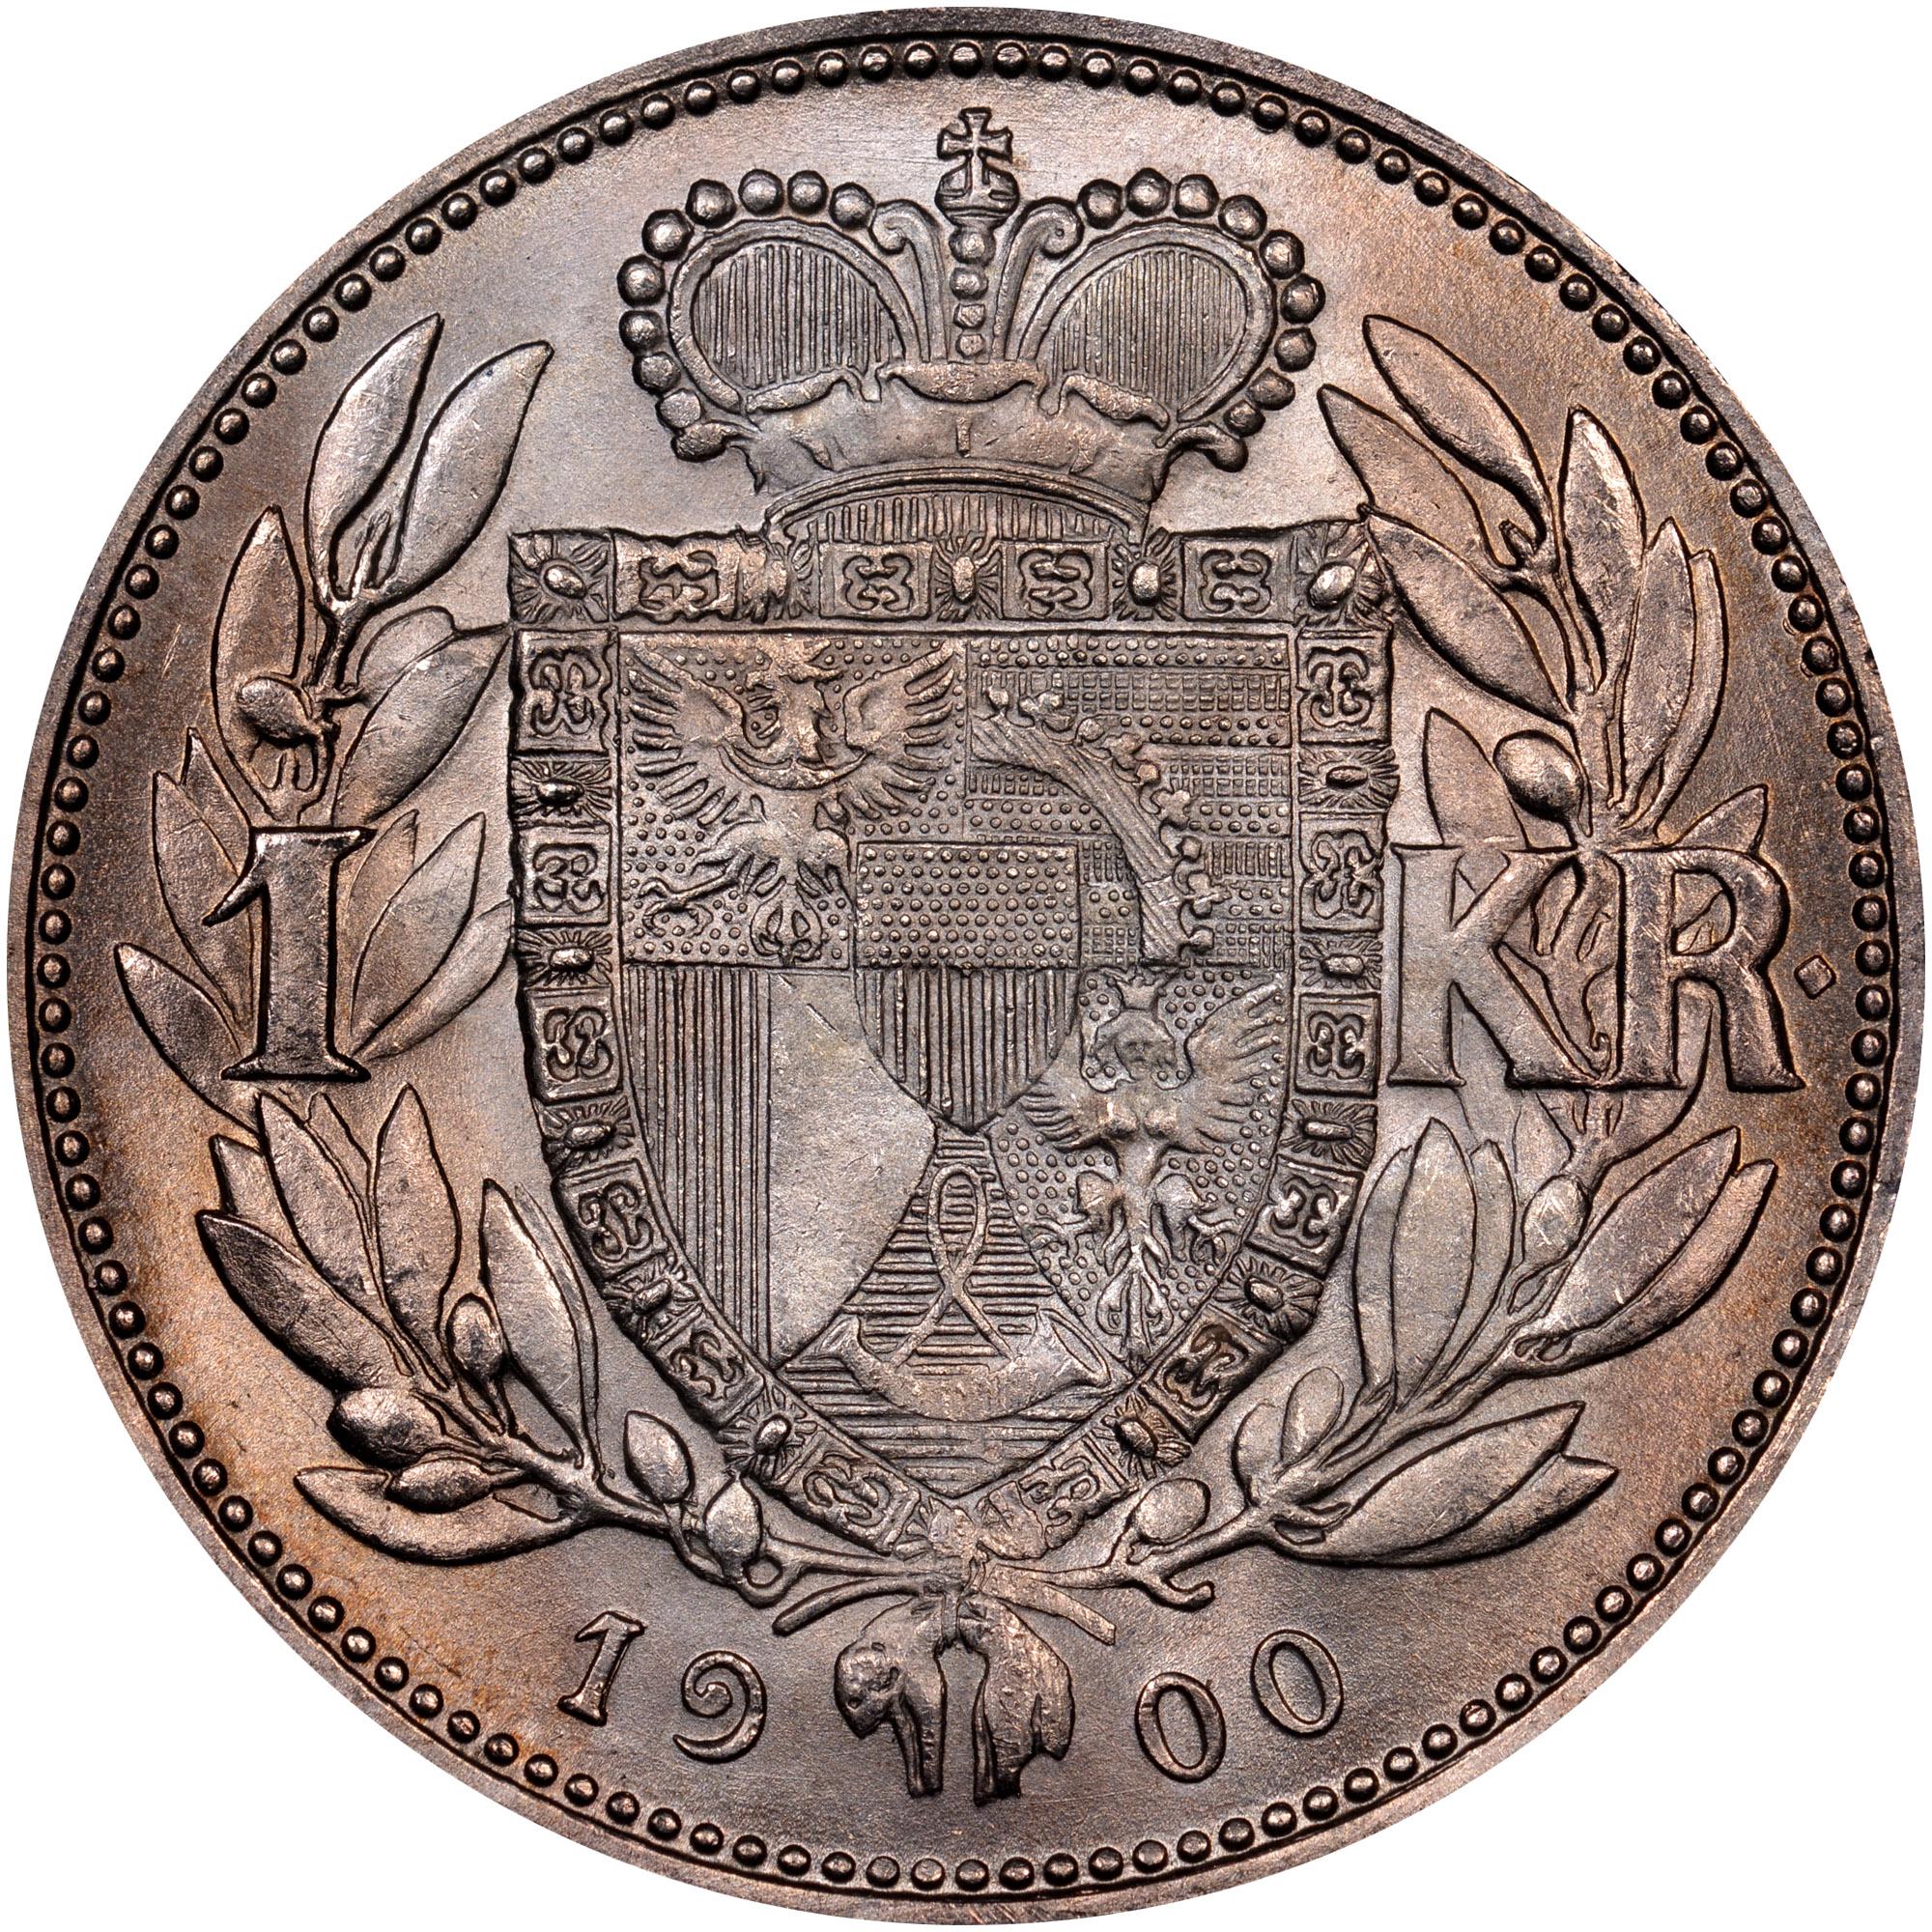 1900-1915 Liechtenstein Krone reverse